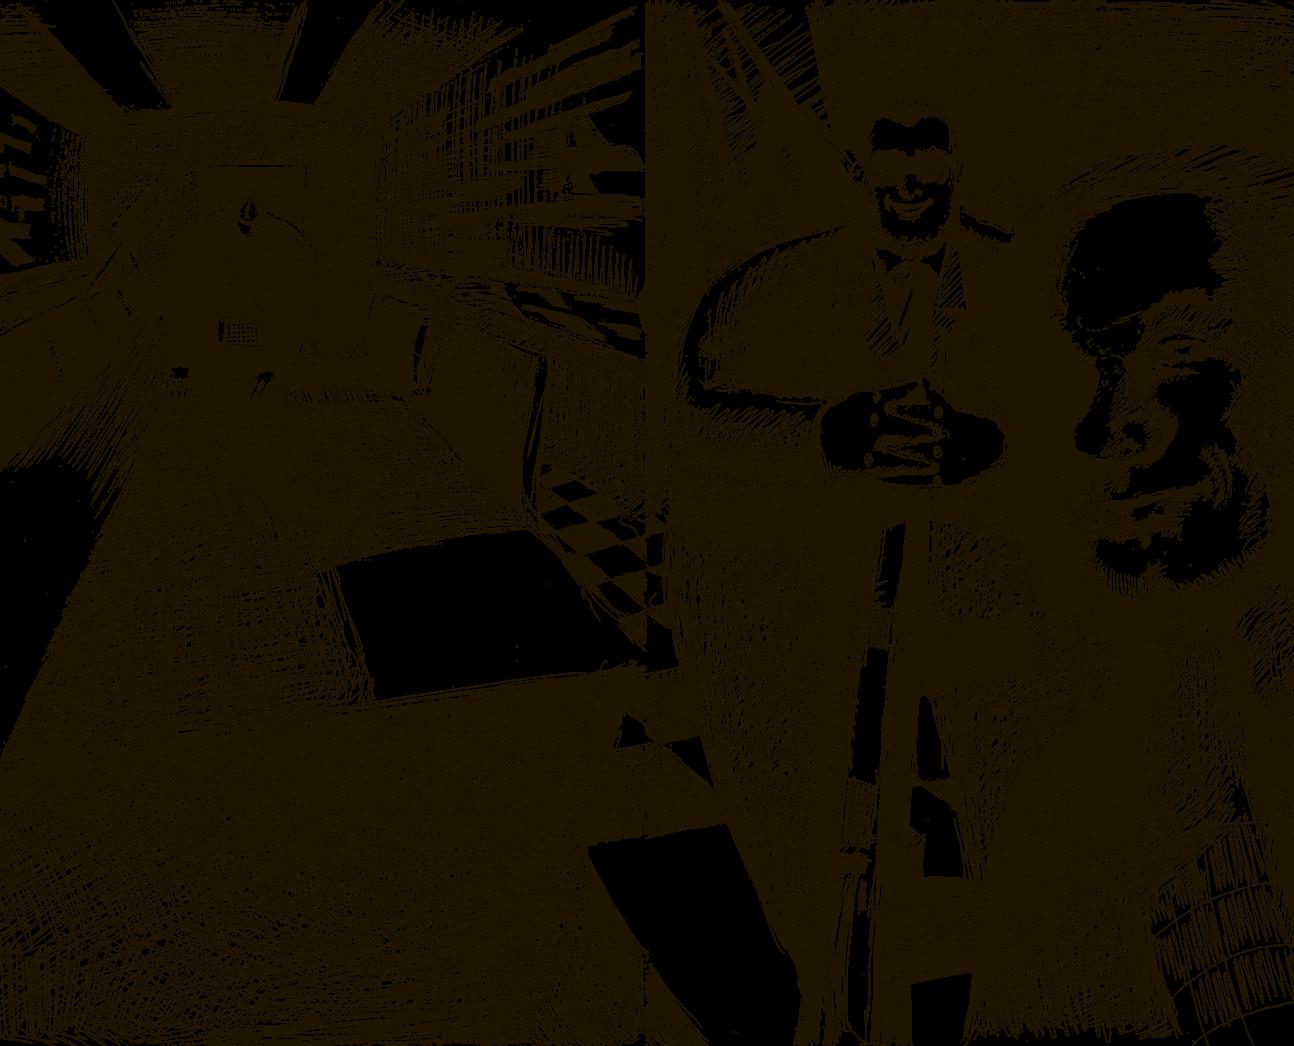 Юная девочка трахается с дядей 2 фотография